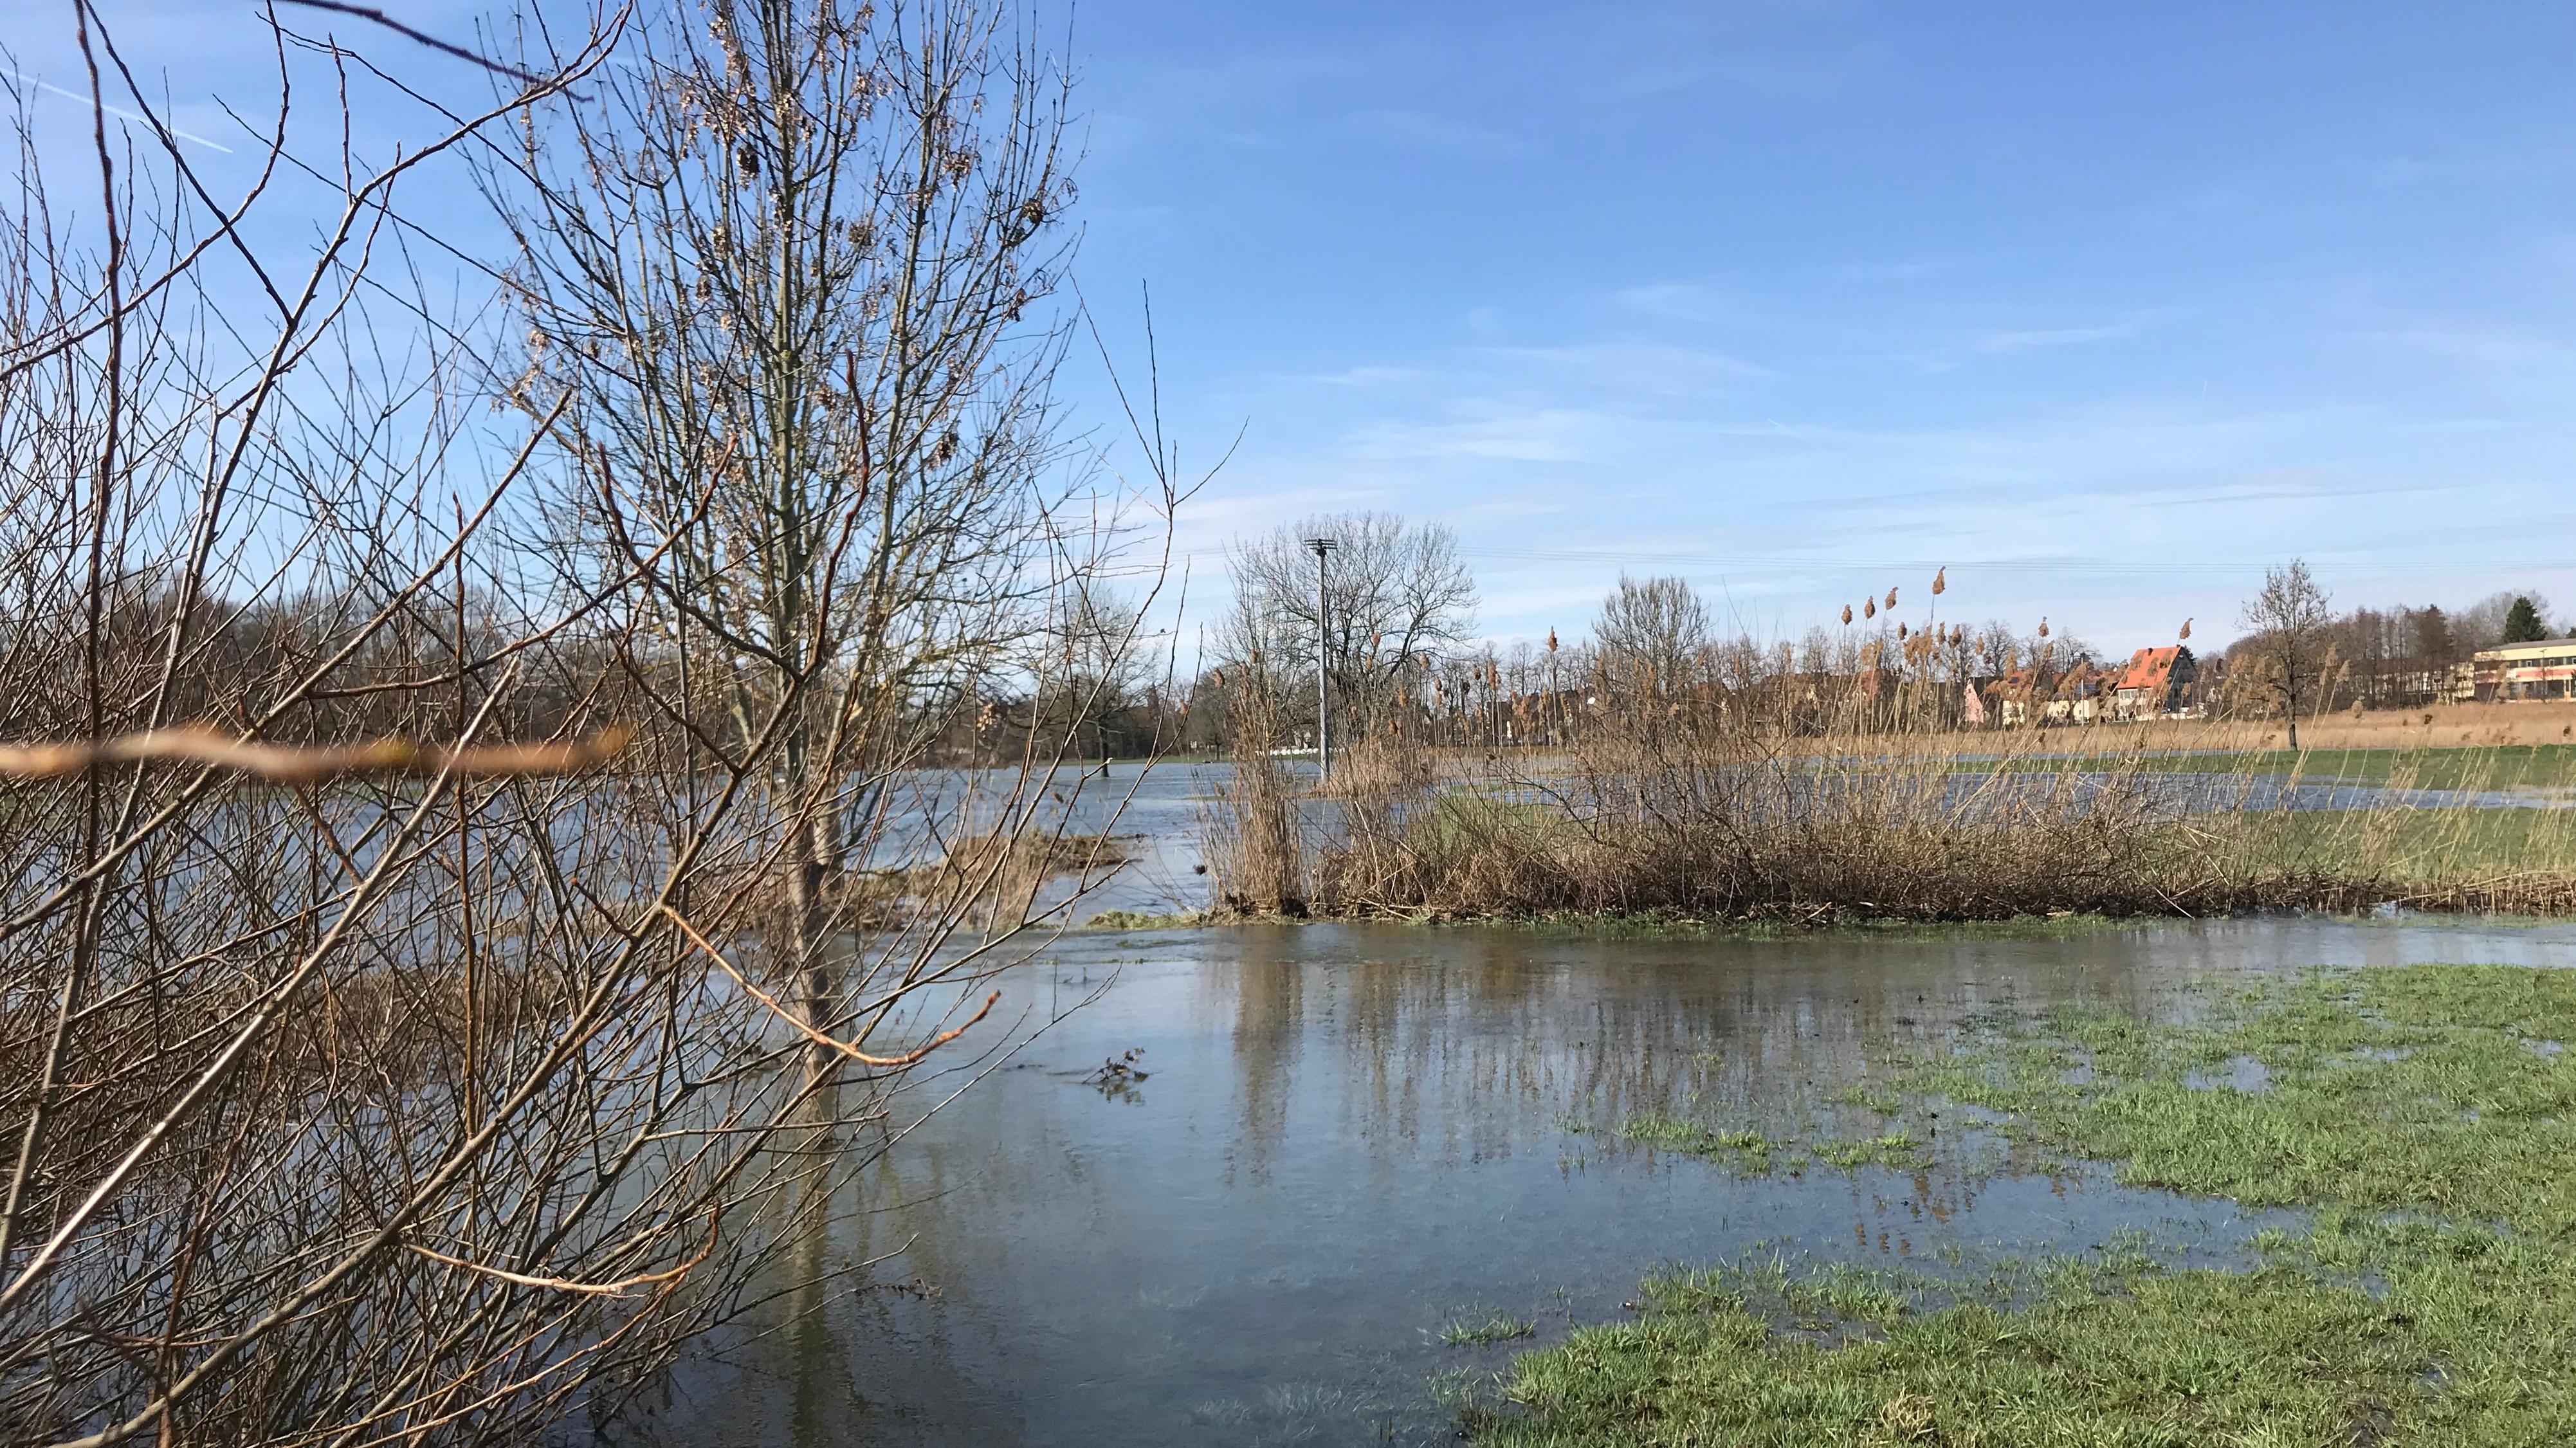 Überschwemmte Wiesen bei Hochwasser: Hier am 18.03.19 im Landkreis Nürnberger Land